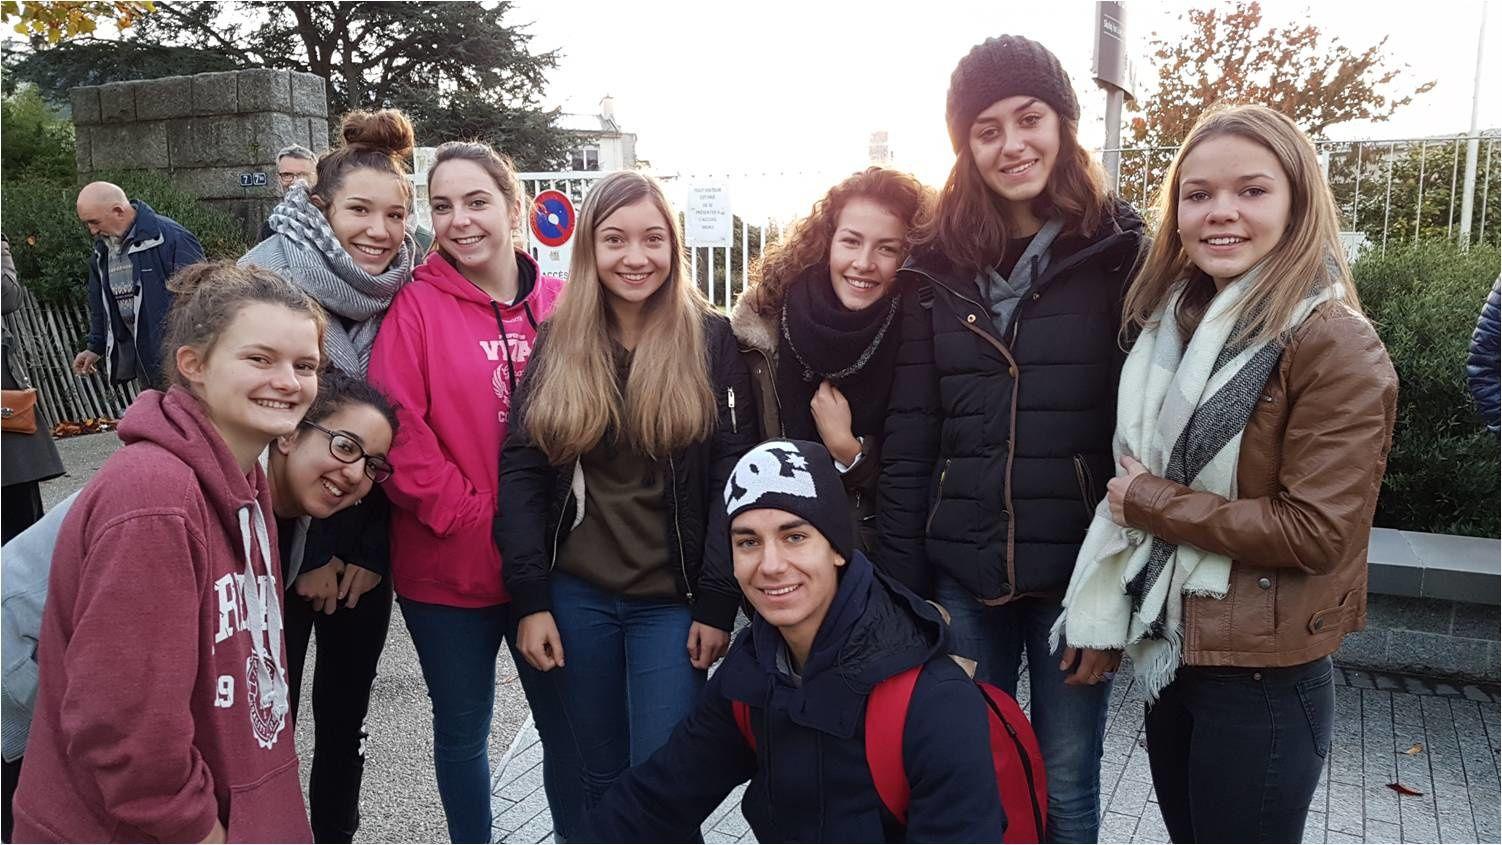 11-11-16, Lycée de l'Iroise, Brest : So long, Italians !